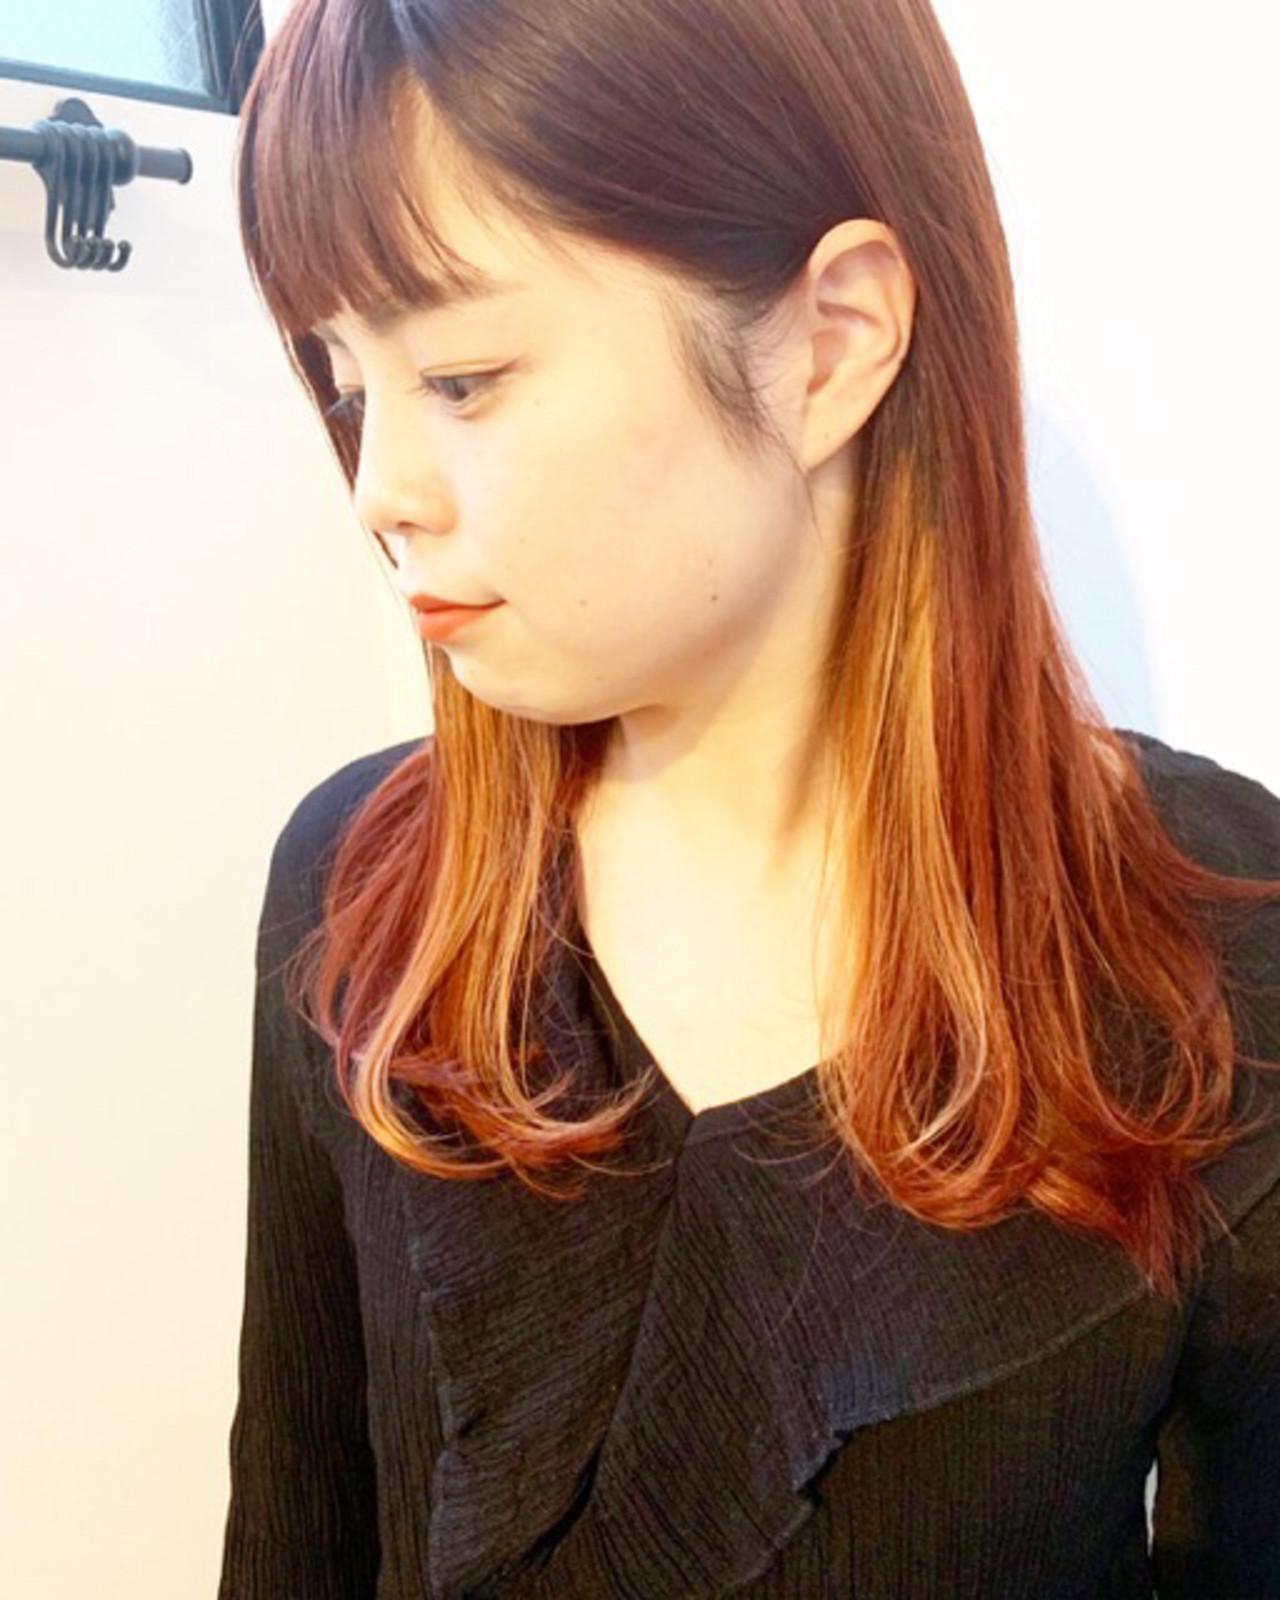 ミディアム チェリーピンク チェリーレッド ストリート ヘアスタイルや髪型の写真・画像